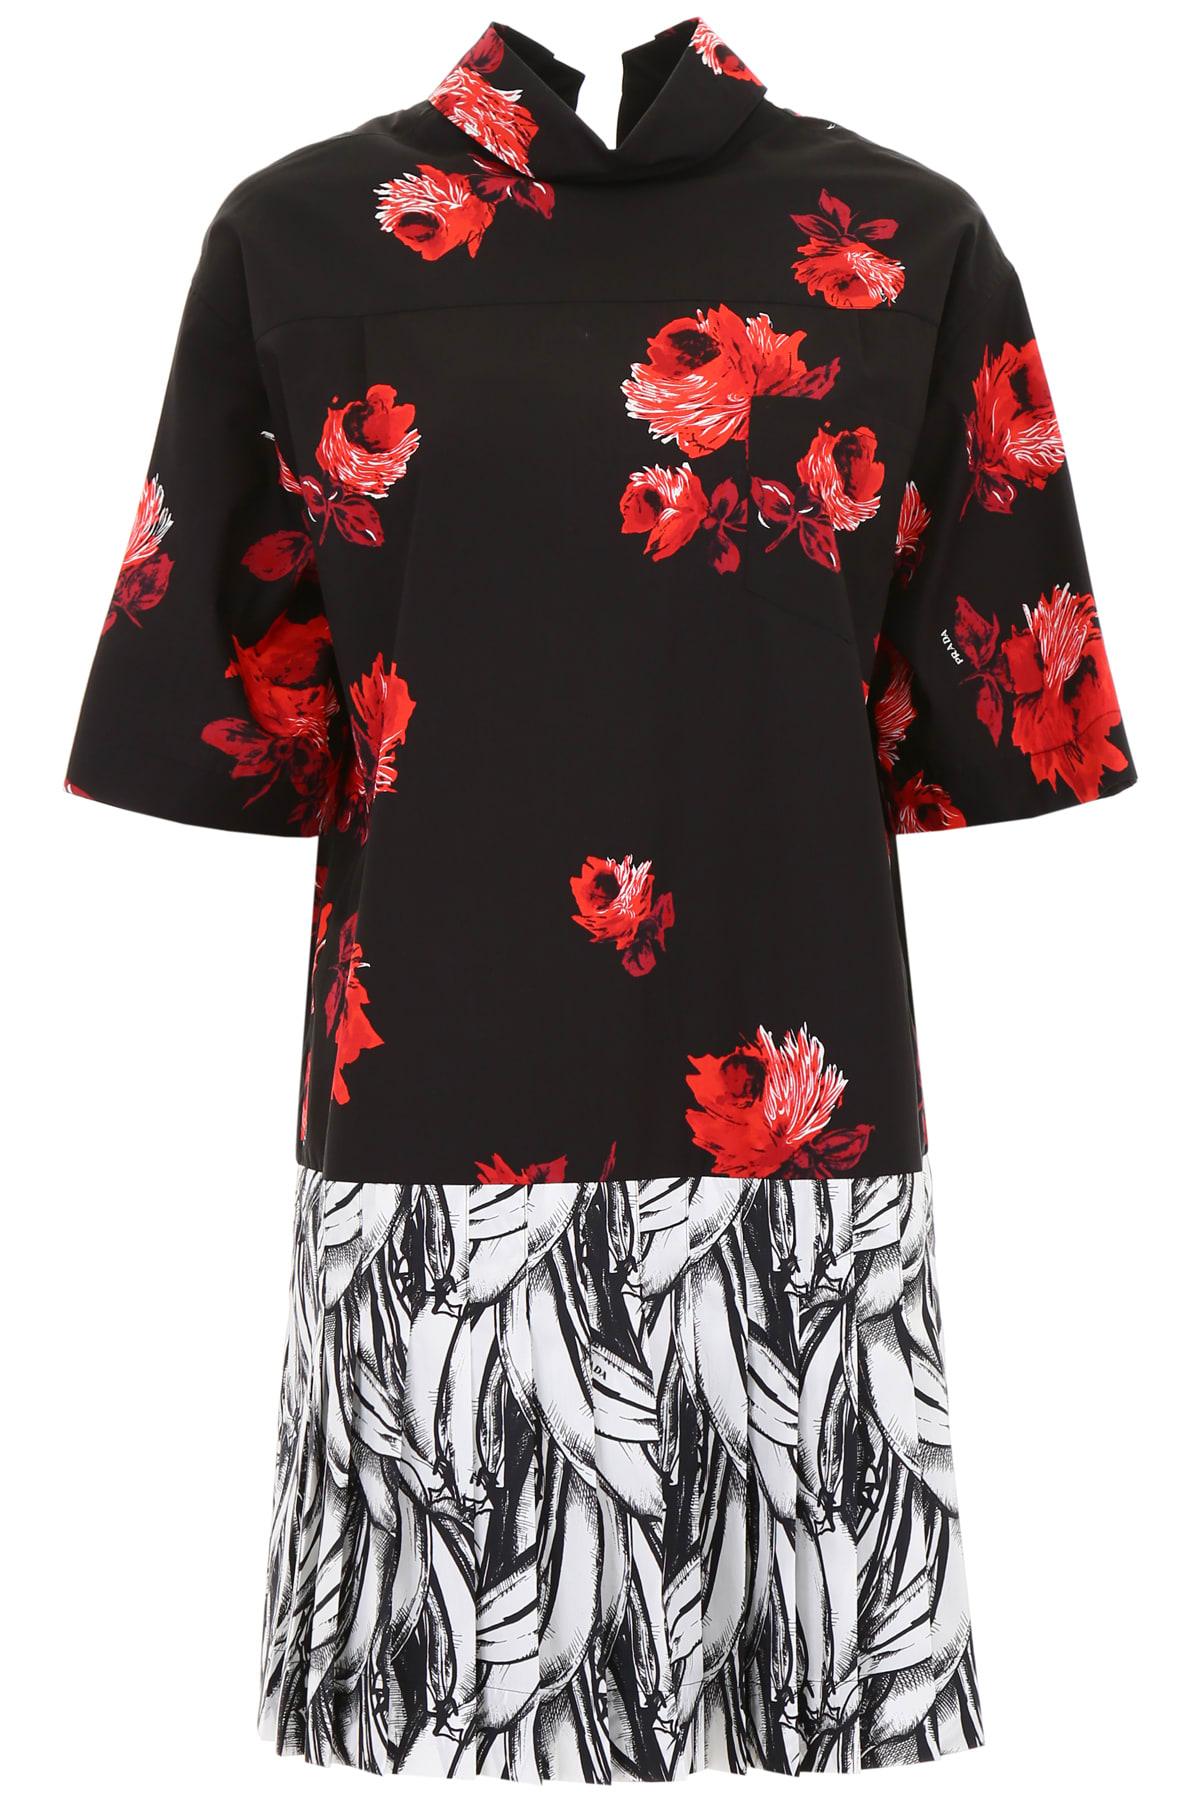 Prada Rose And Banana Print Dress